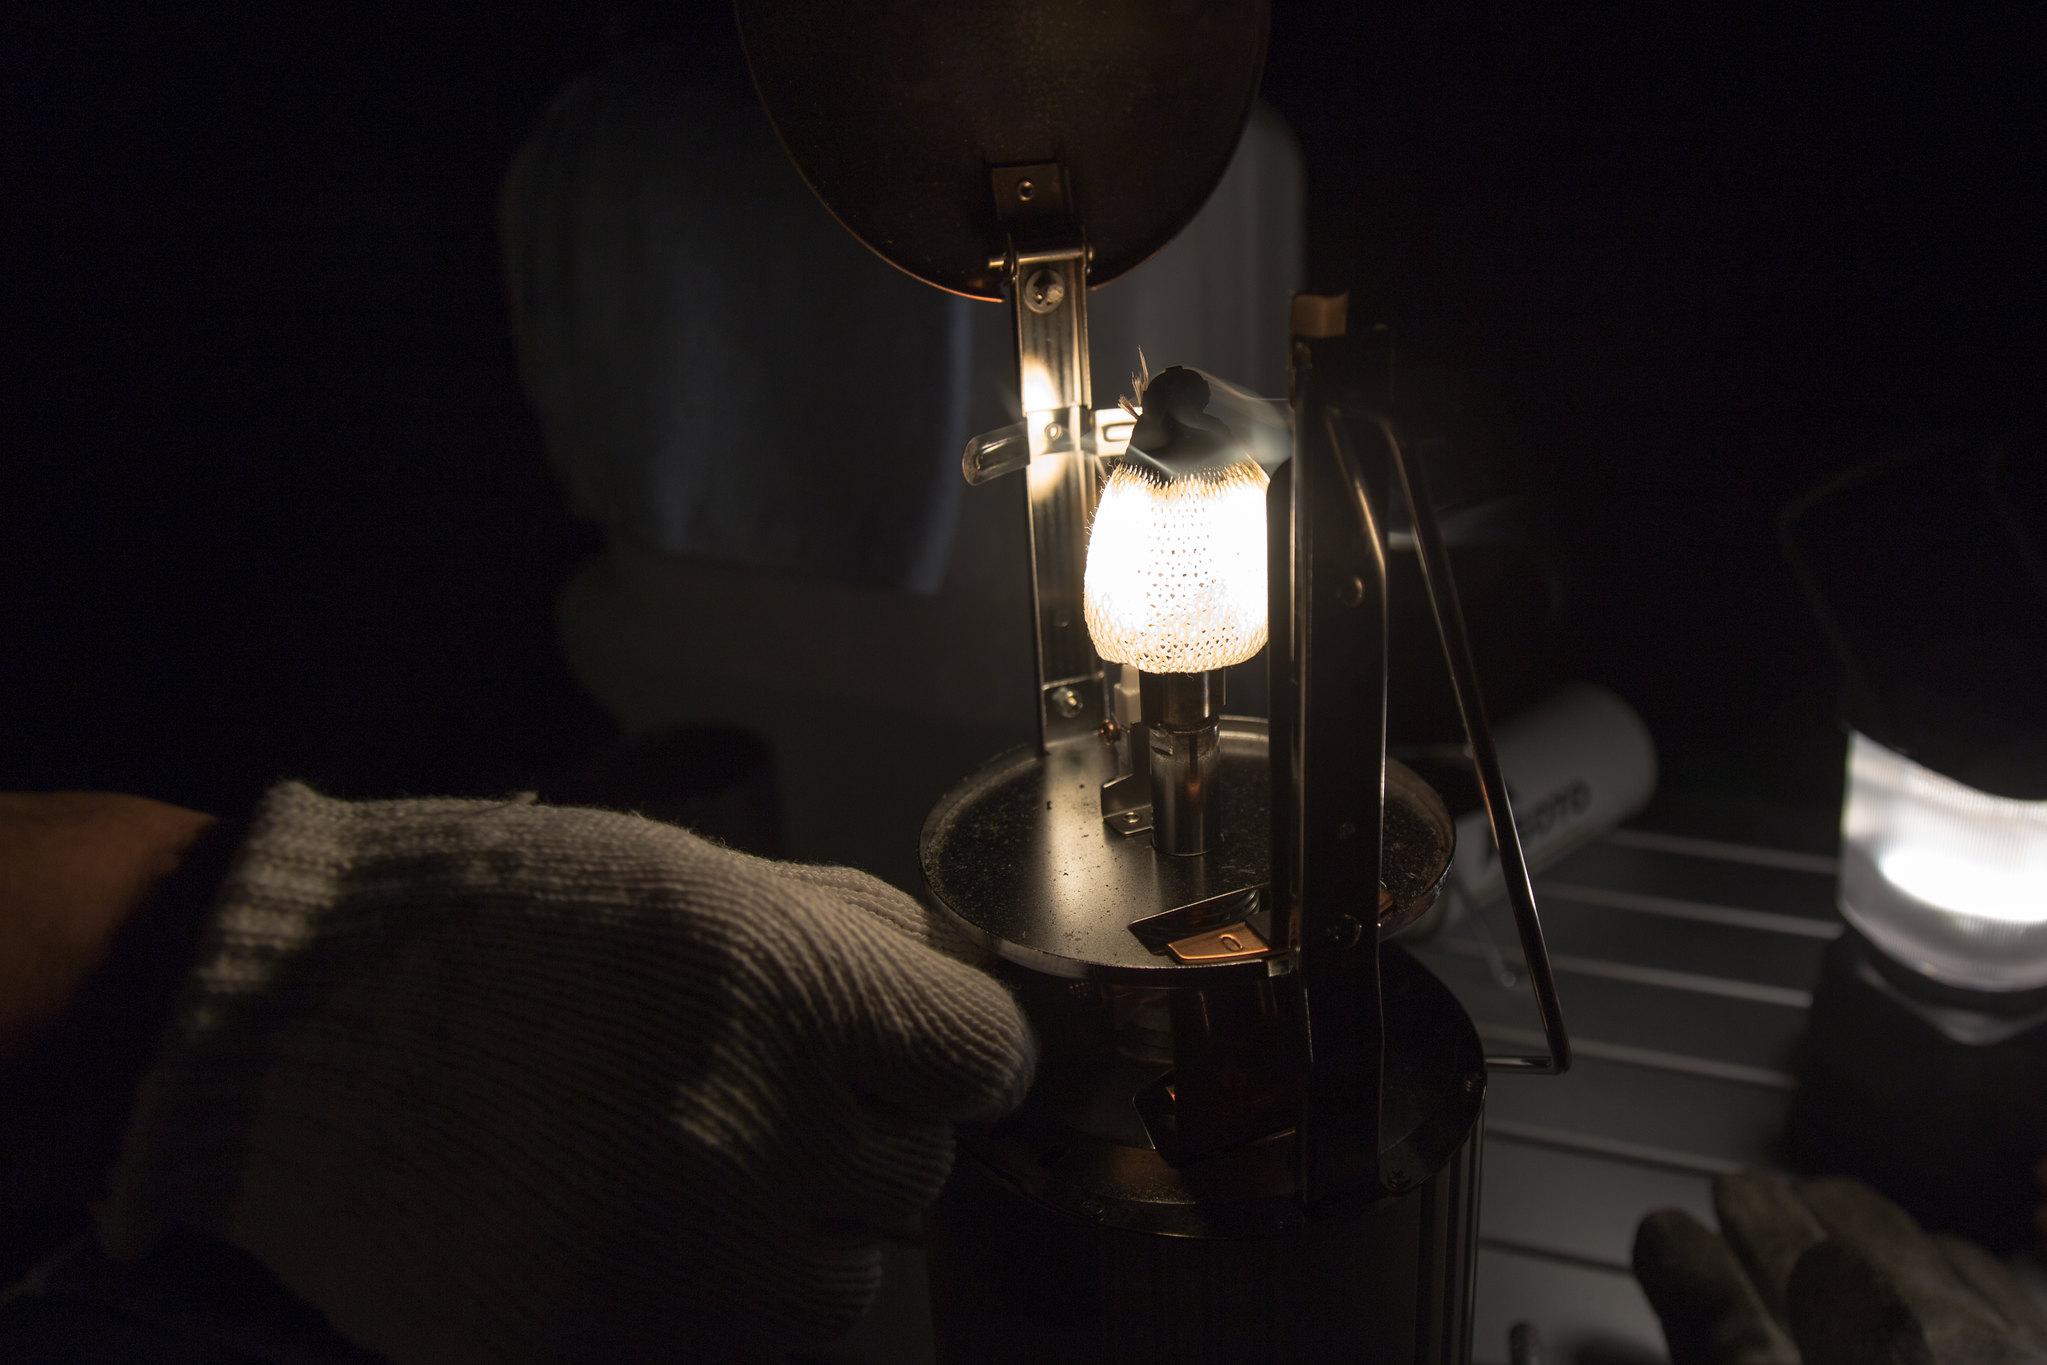 2014-10-25 あきる野 山田大橋キャンプ場一日目 170